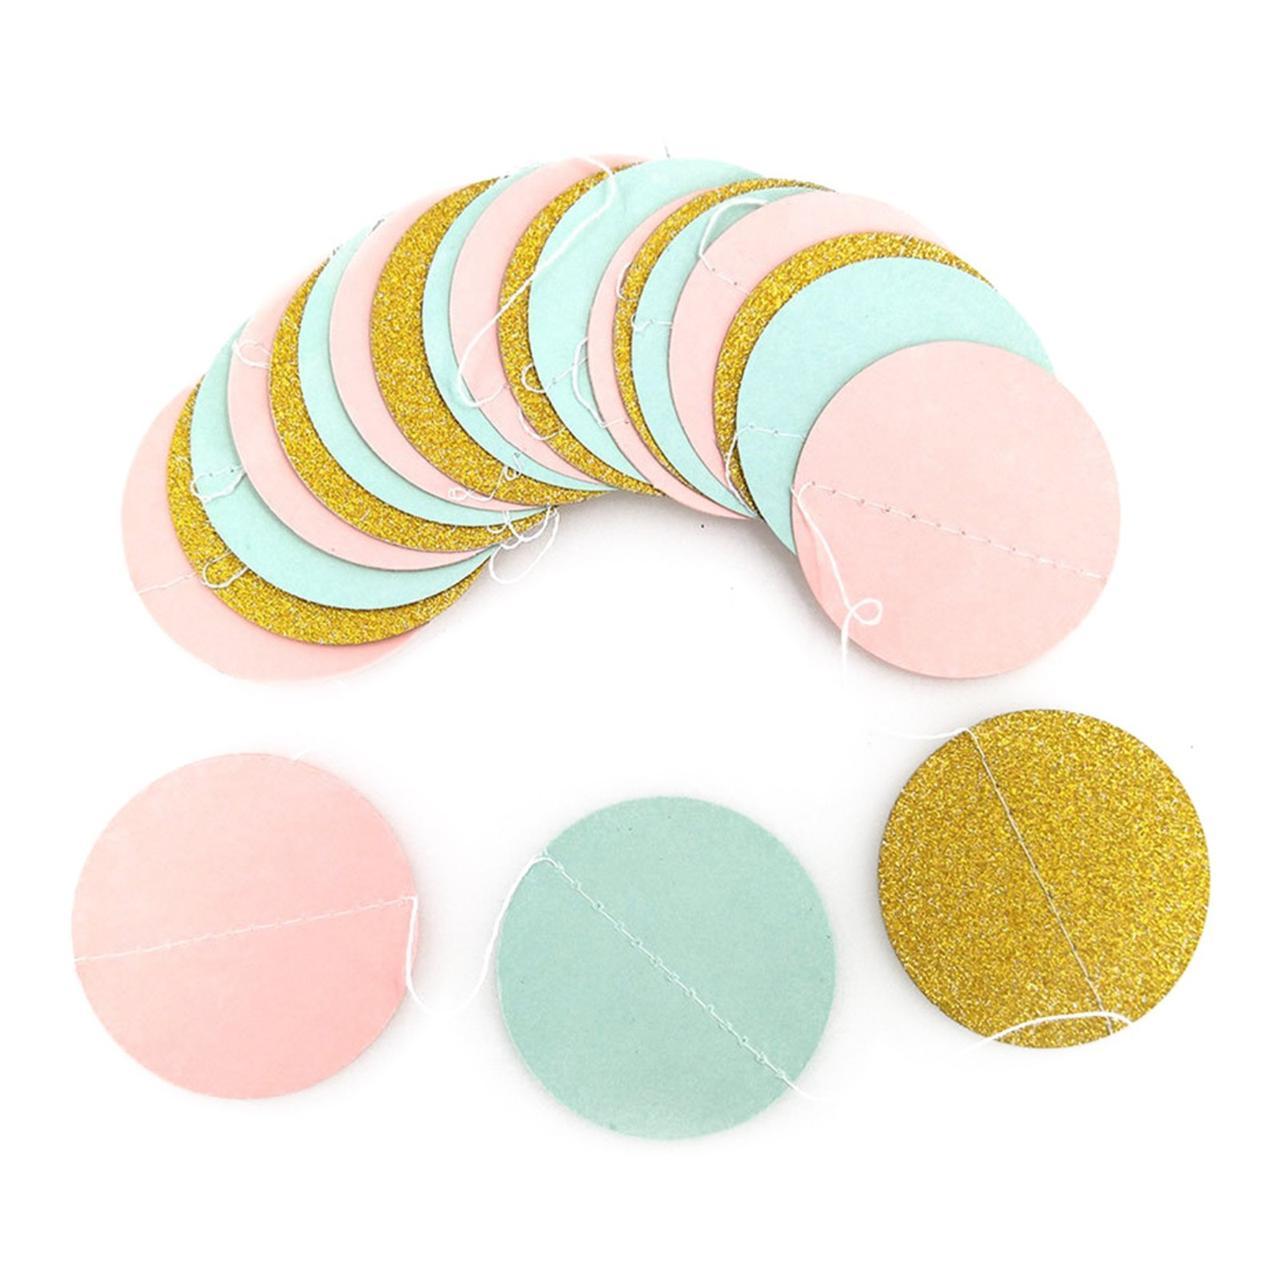 Гирлянда бумажная бирюзовая розовая золотая из кружочков